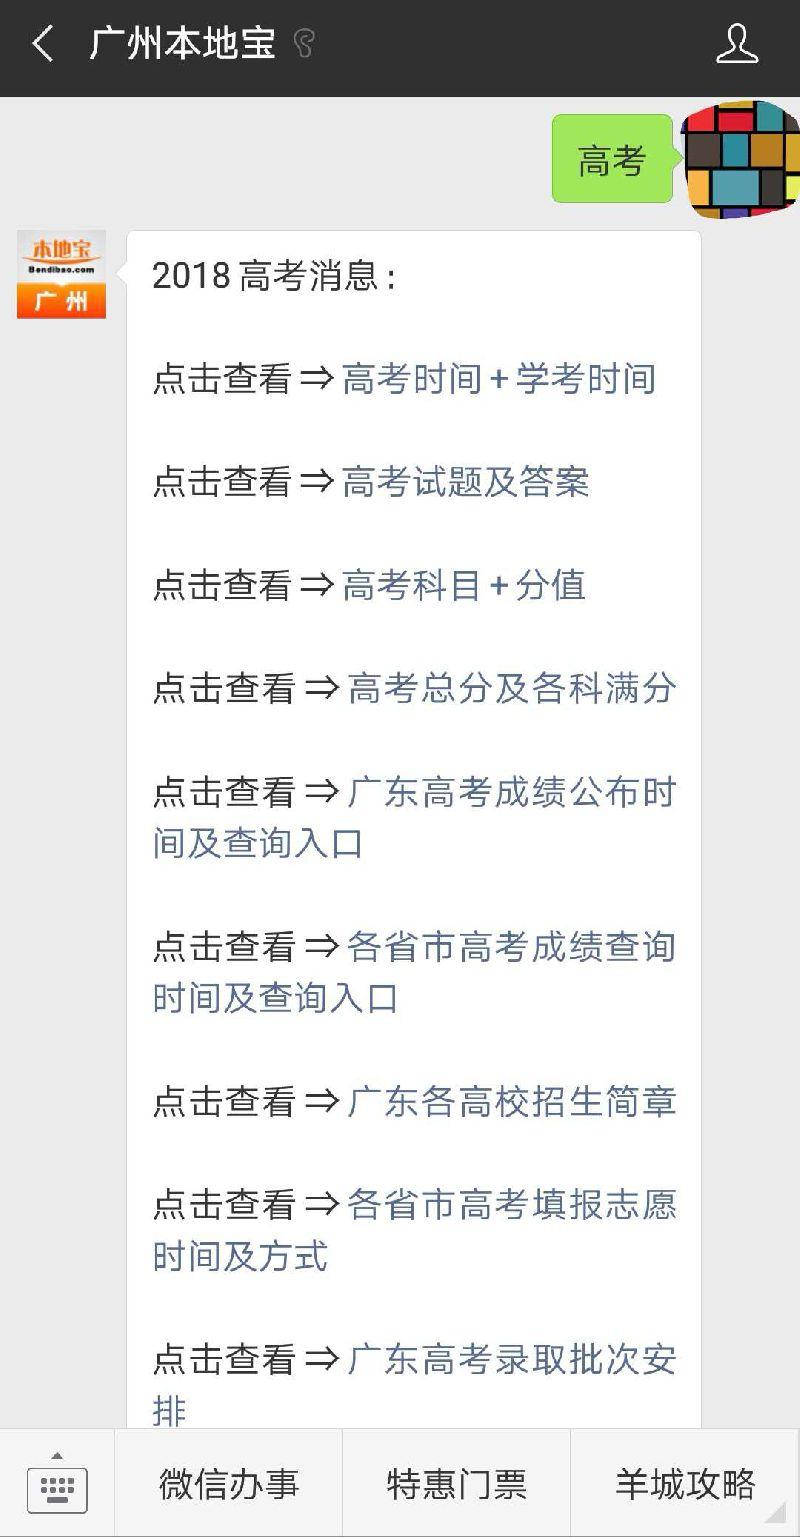 2018年广东高考成绩公布时间:预计6月25日左右